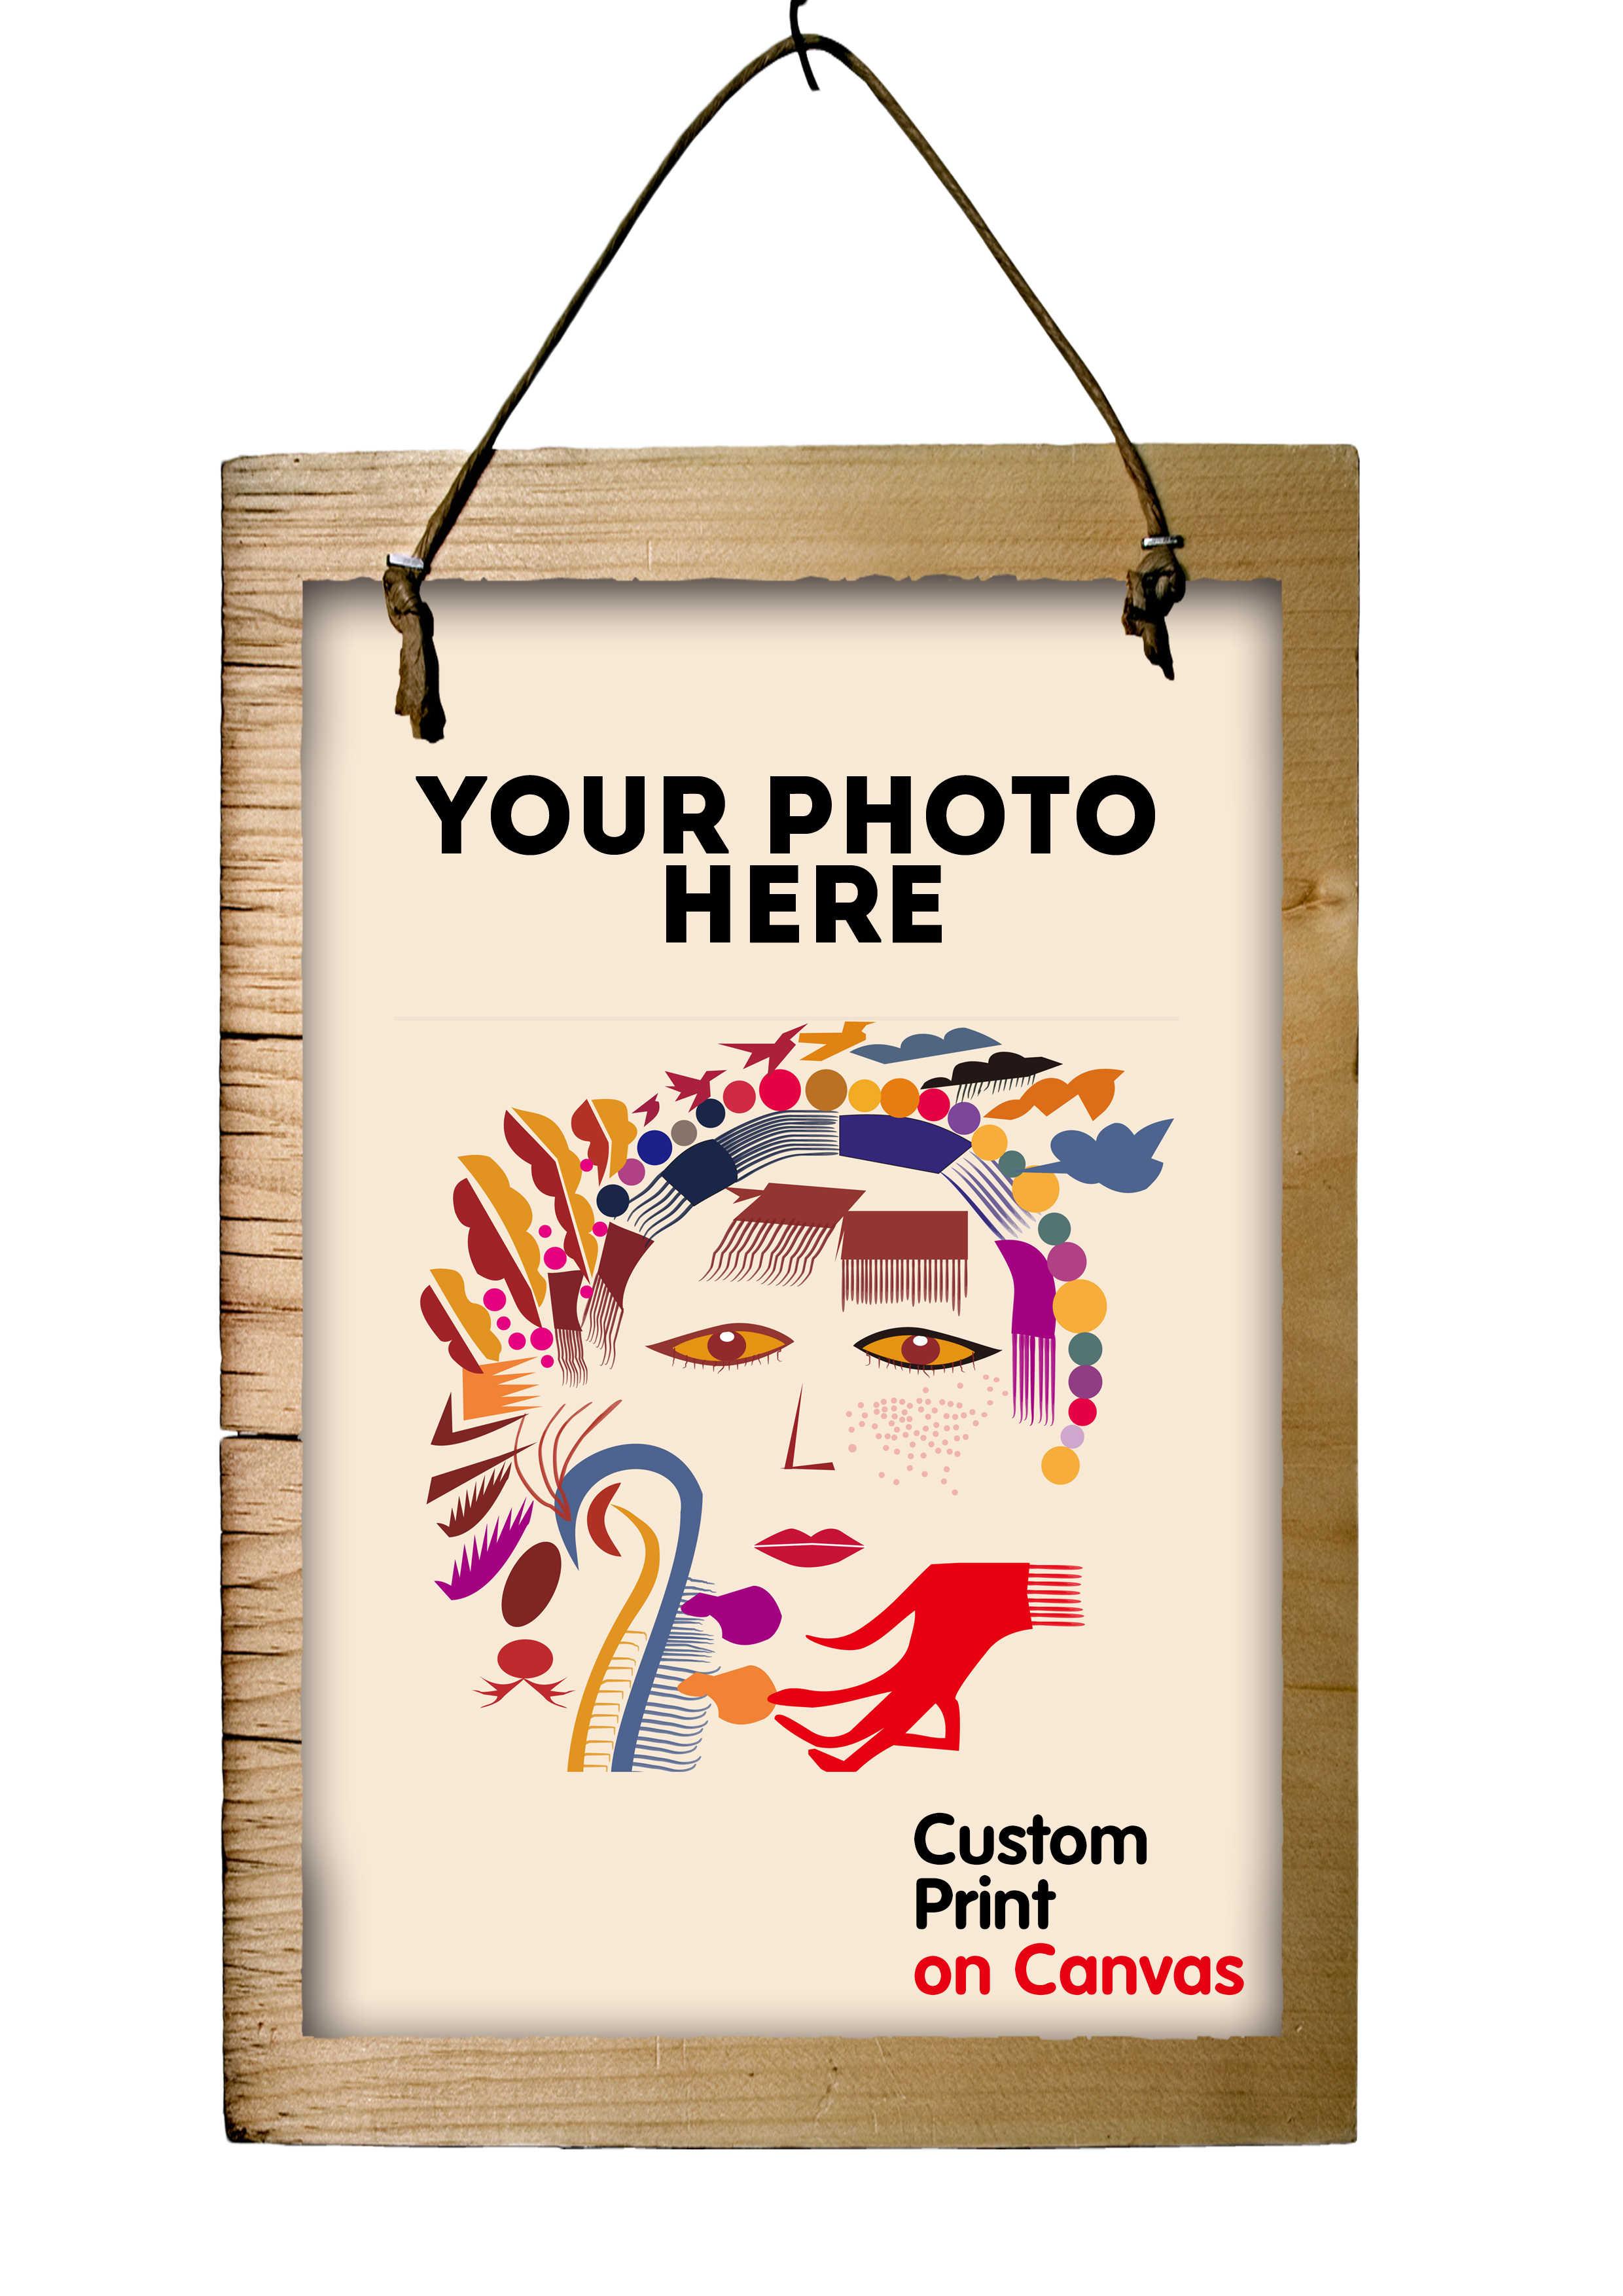 Gedrukt Zijde Of Canvas Een Stuk Nami Sexy Art Poster 16X24 24X36 Inch Custom Woonkamer slaapkamer Thuis Art Wall Picture